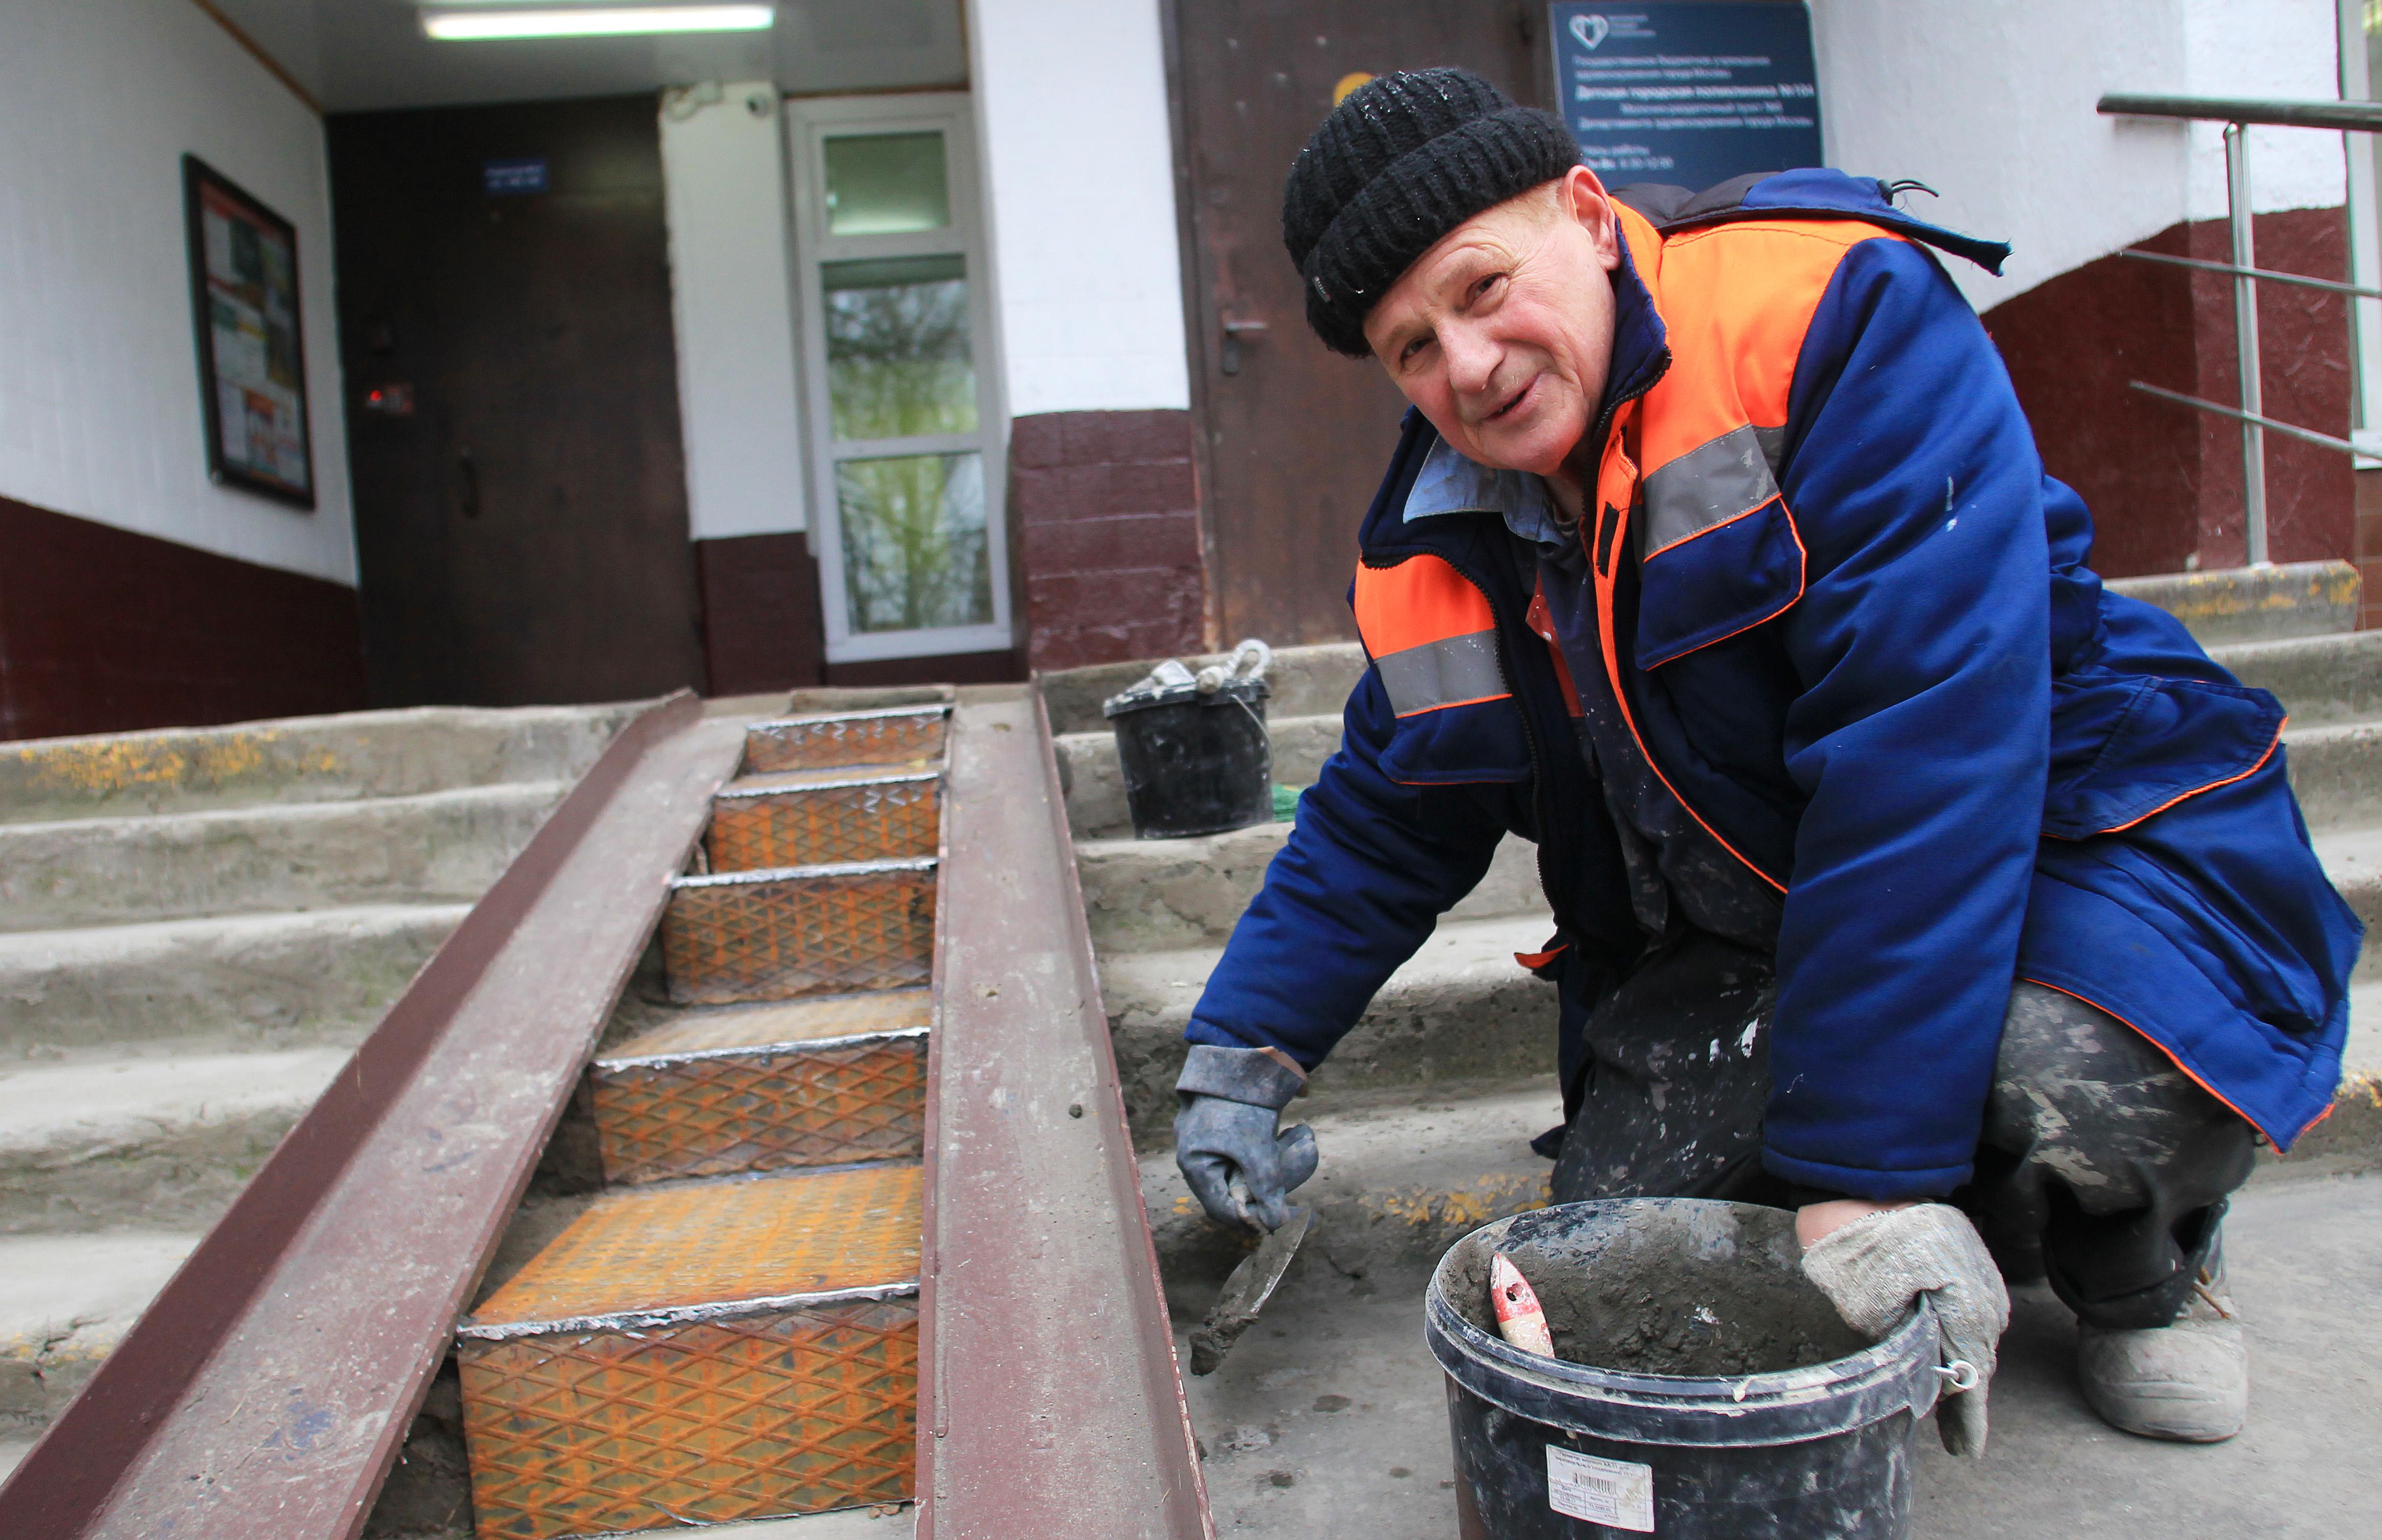 Пандусы установят в многоквартирном жилом доме поселка Ватутинки